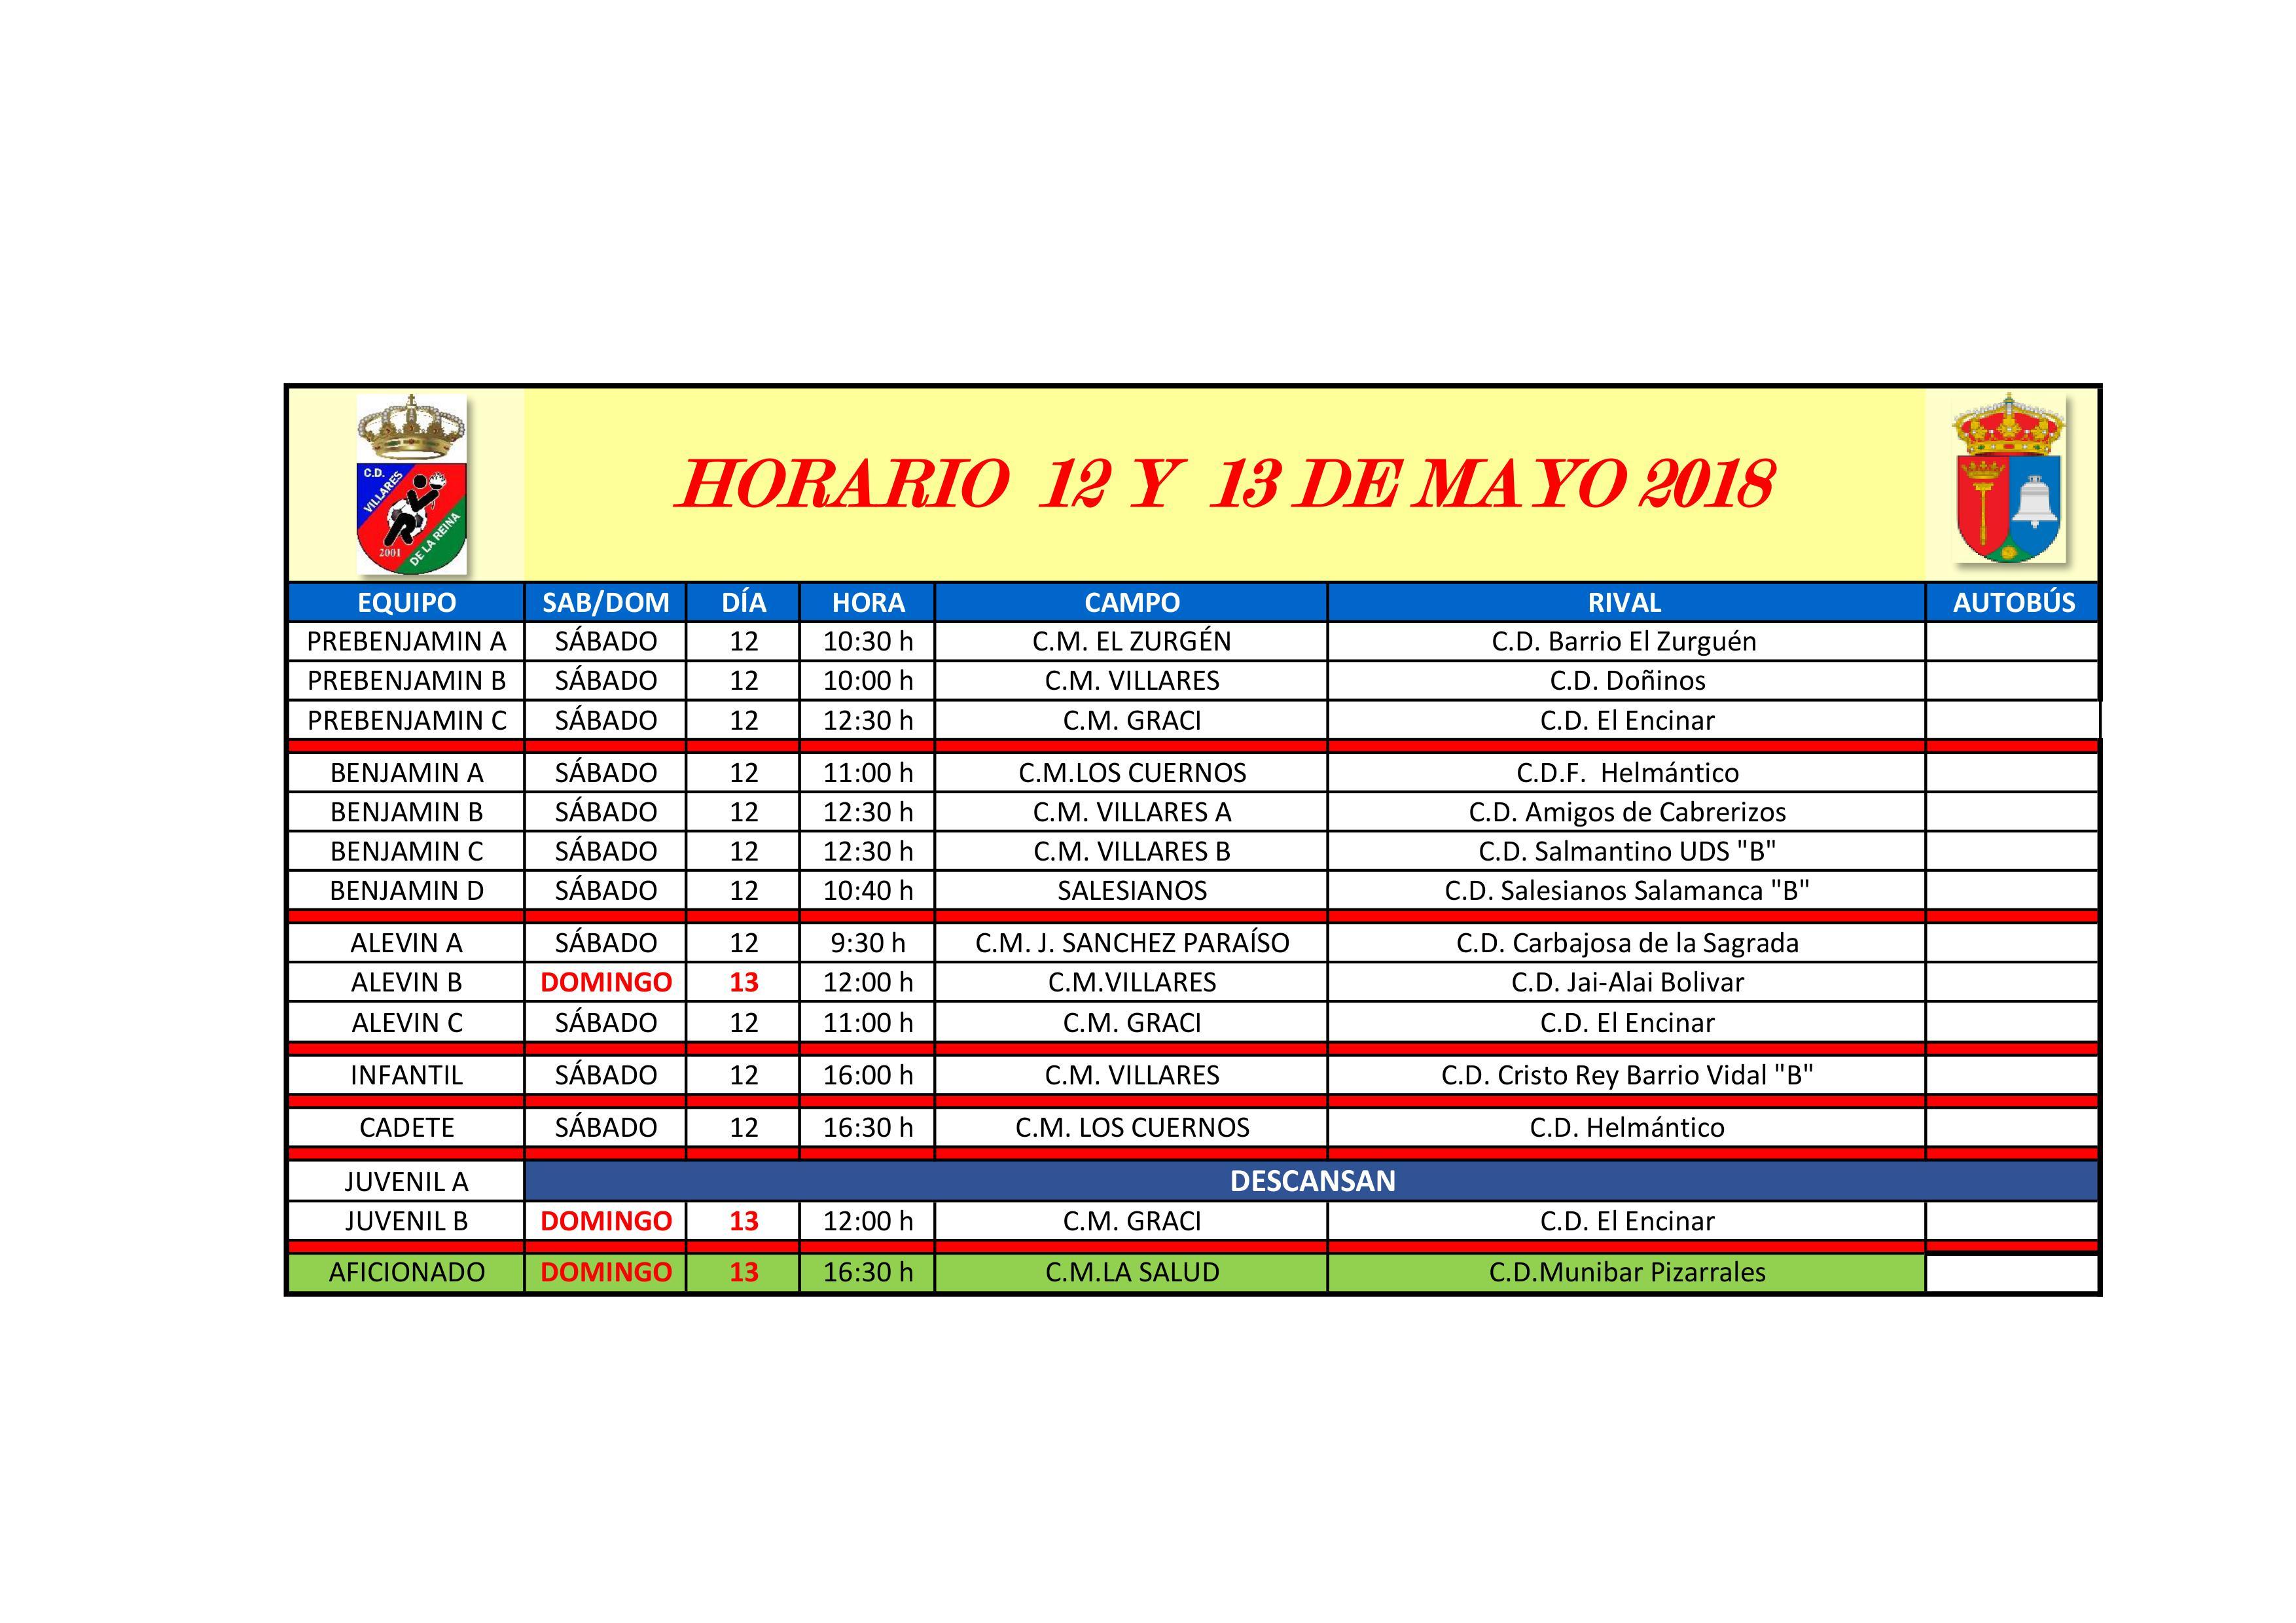 HORARIOS S�BADO 12 Y DOMINGO 13 DE MAYO